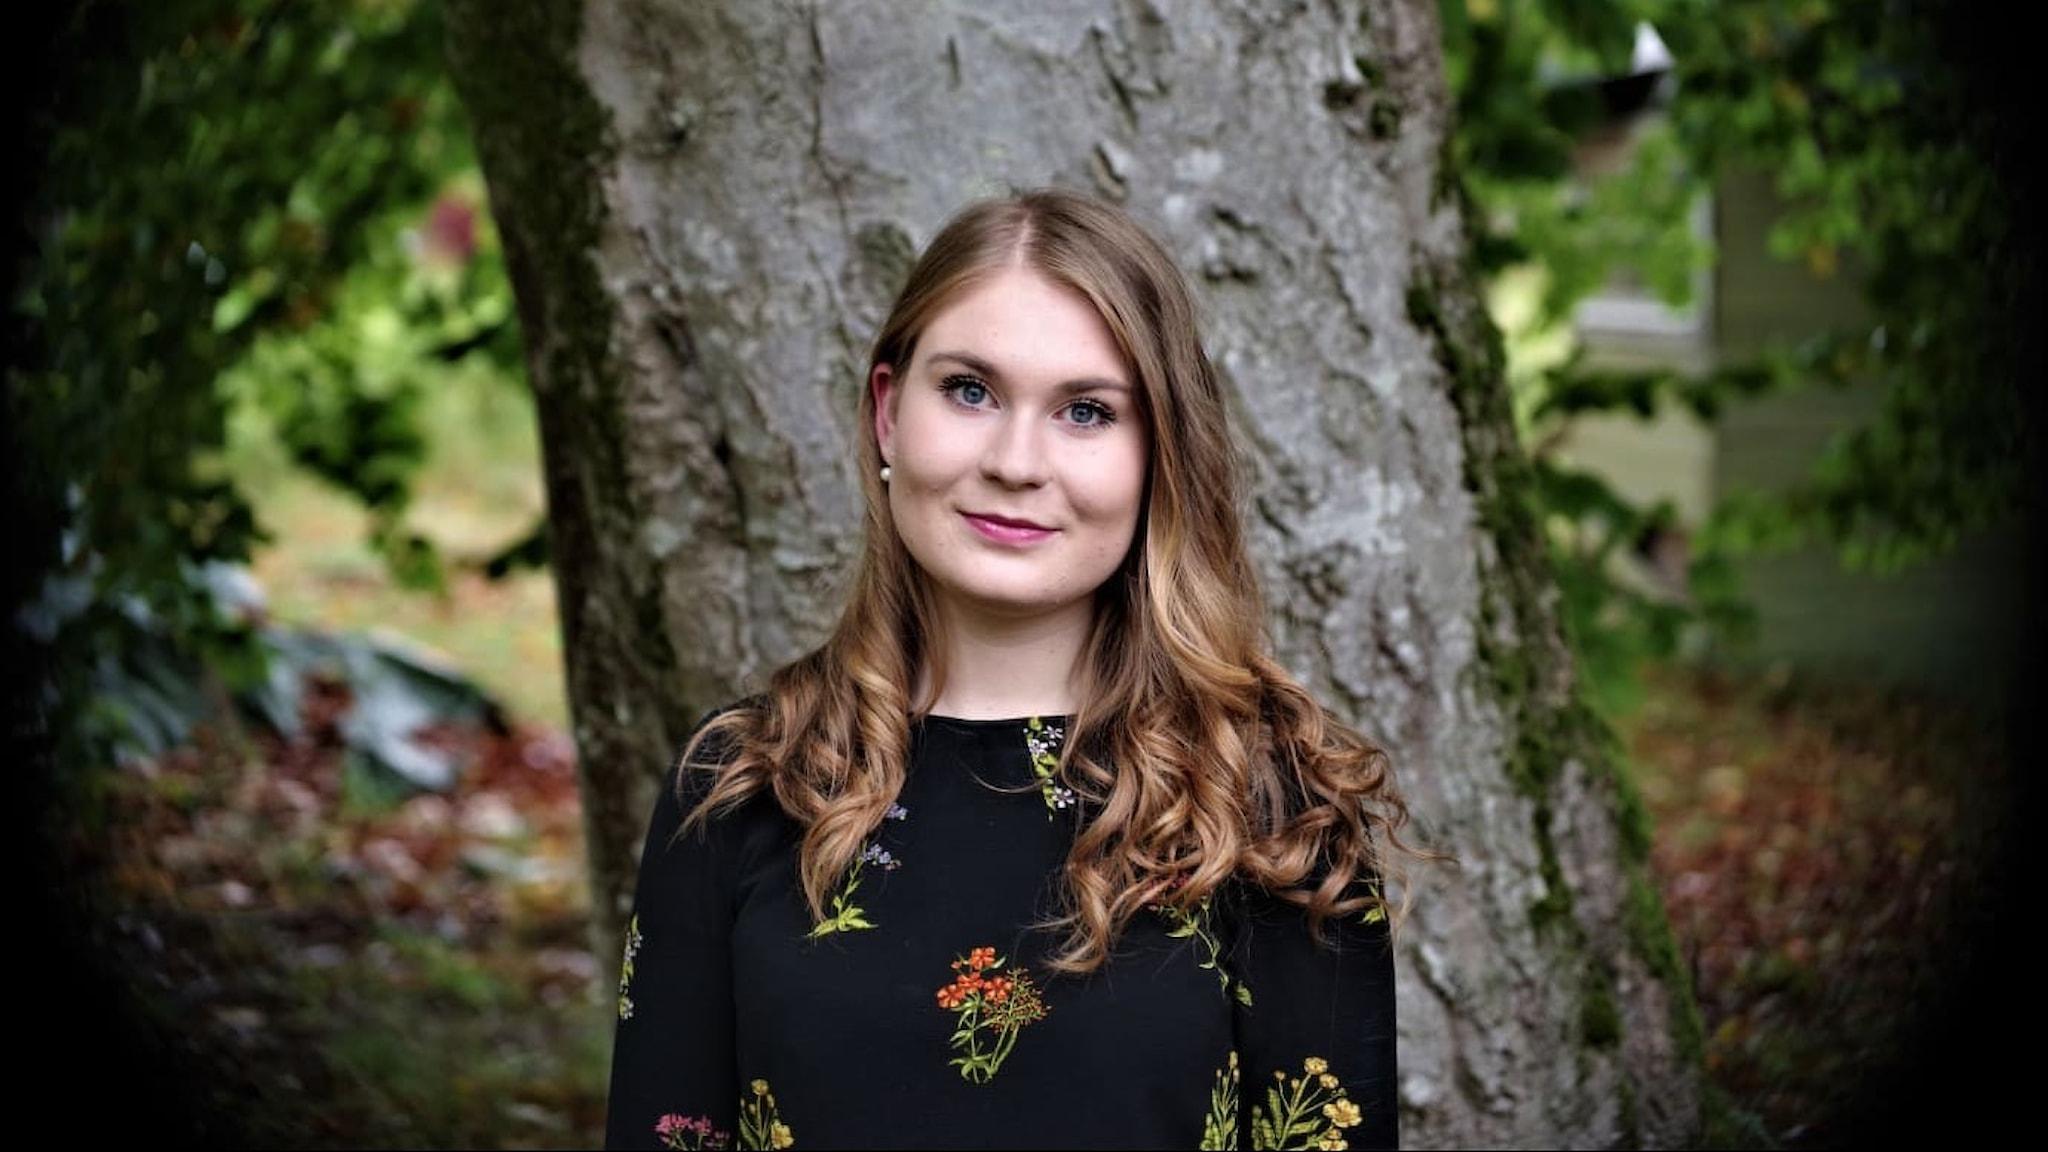 23-åriga sopranen Karolina Bengtsson i en färgbild. Hon står framför ett stort träd ser på oss med ett fint leende.